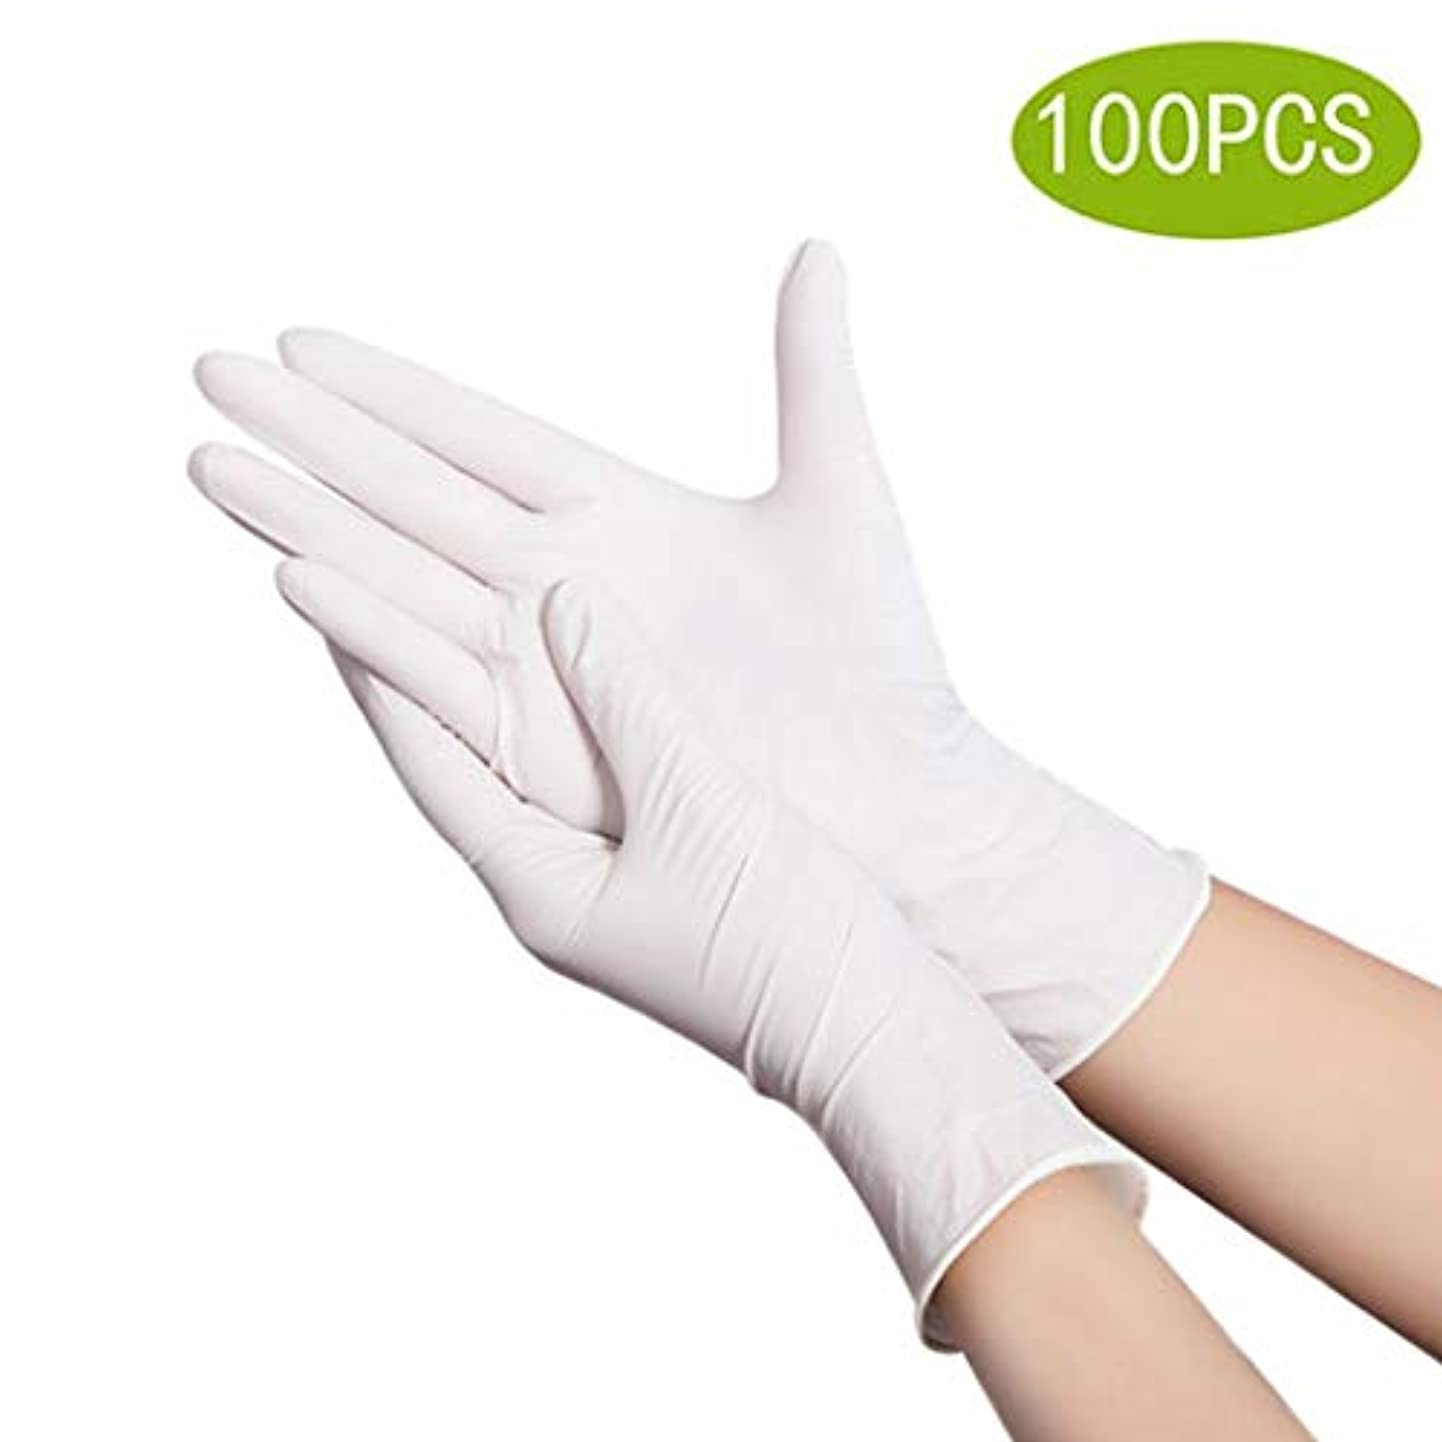 ニトリル手袋4ミル厚ヘビーデューティー使い捨て手袋 - 工業用および家庭用 - パウダーフリー - ナチュラルホワイト(100カウント) (Size : S)